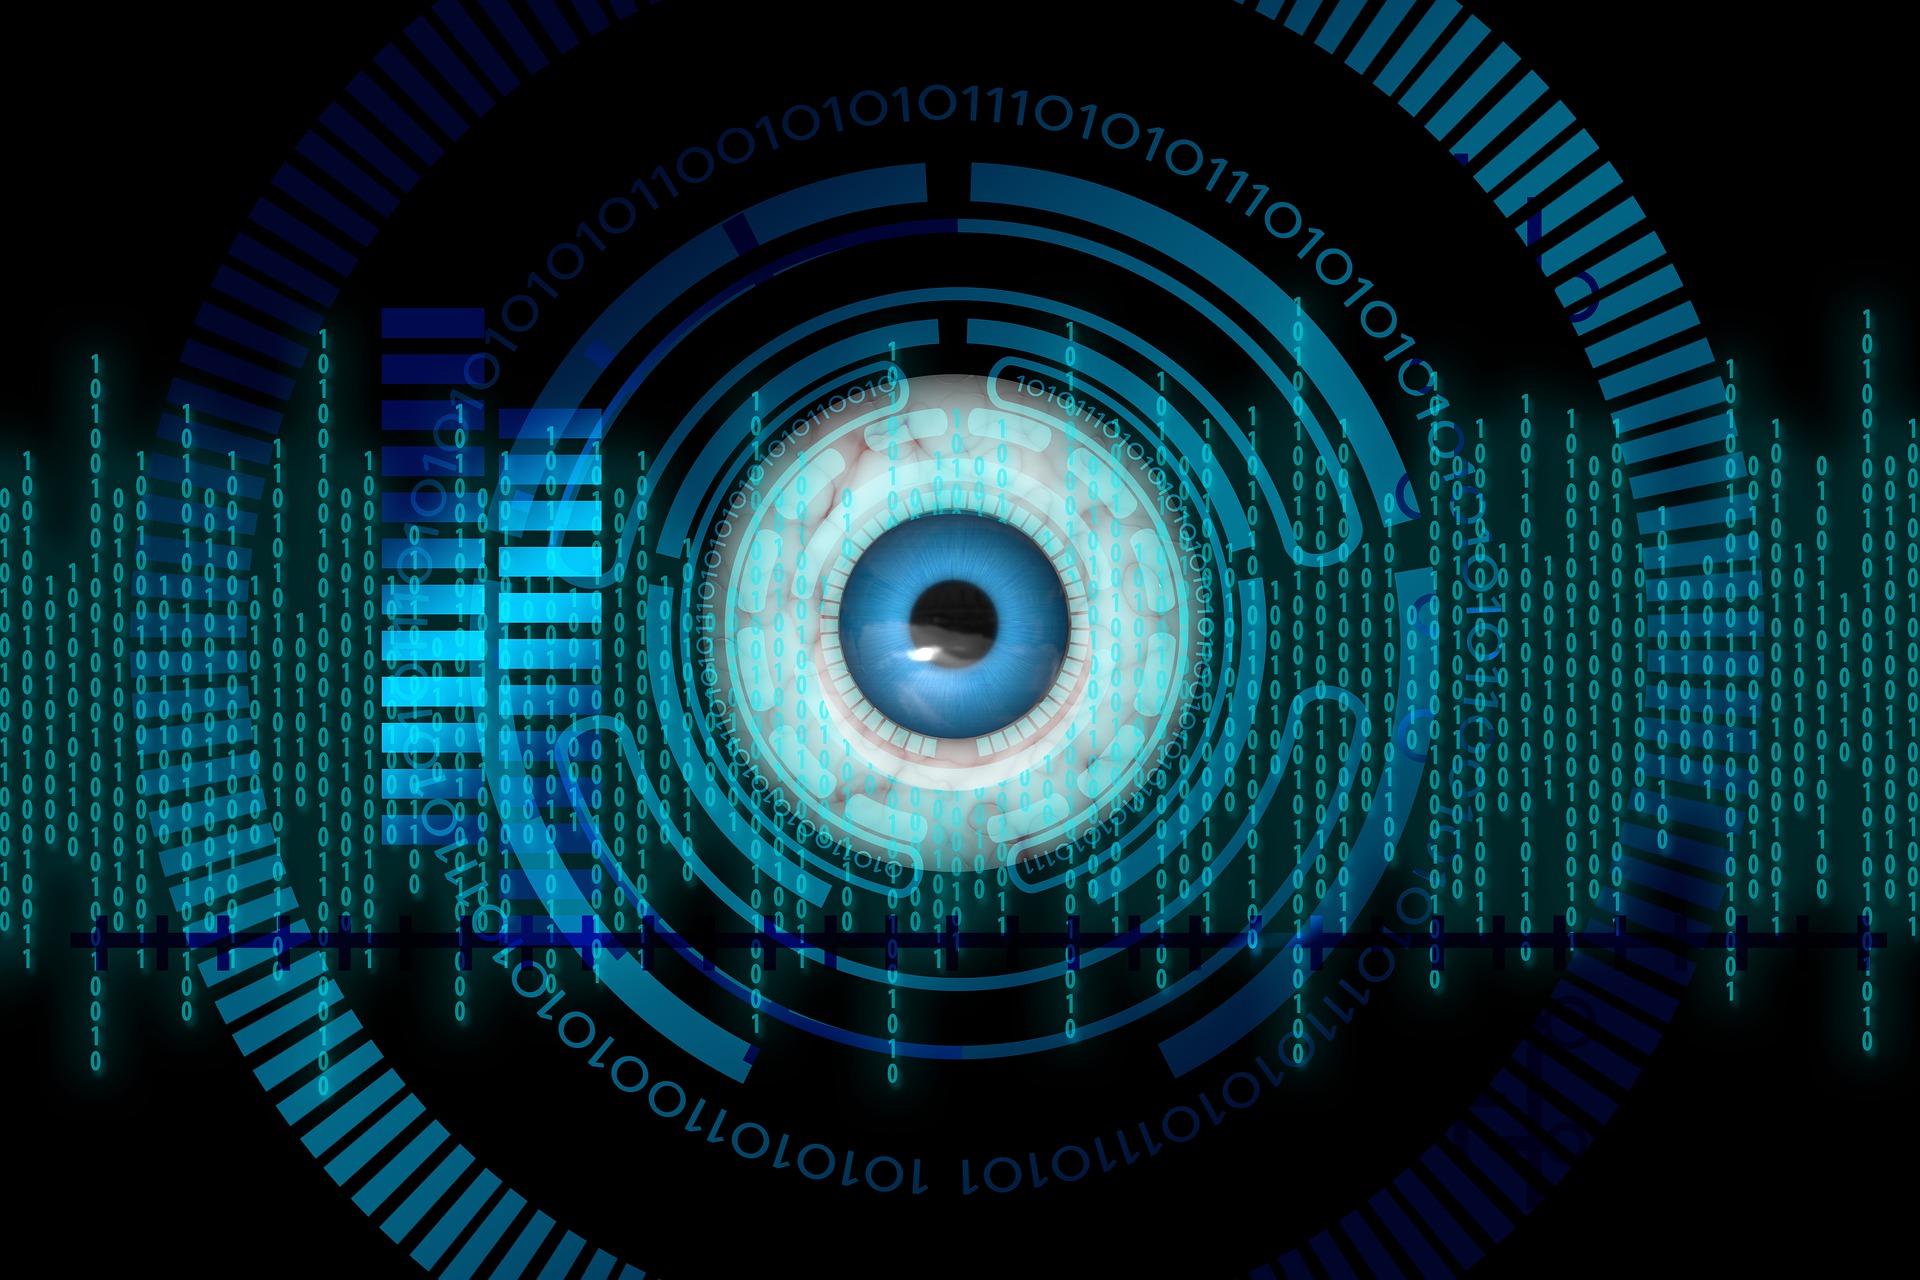 Pangiam acquires VeriScan biometrics system